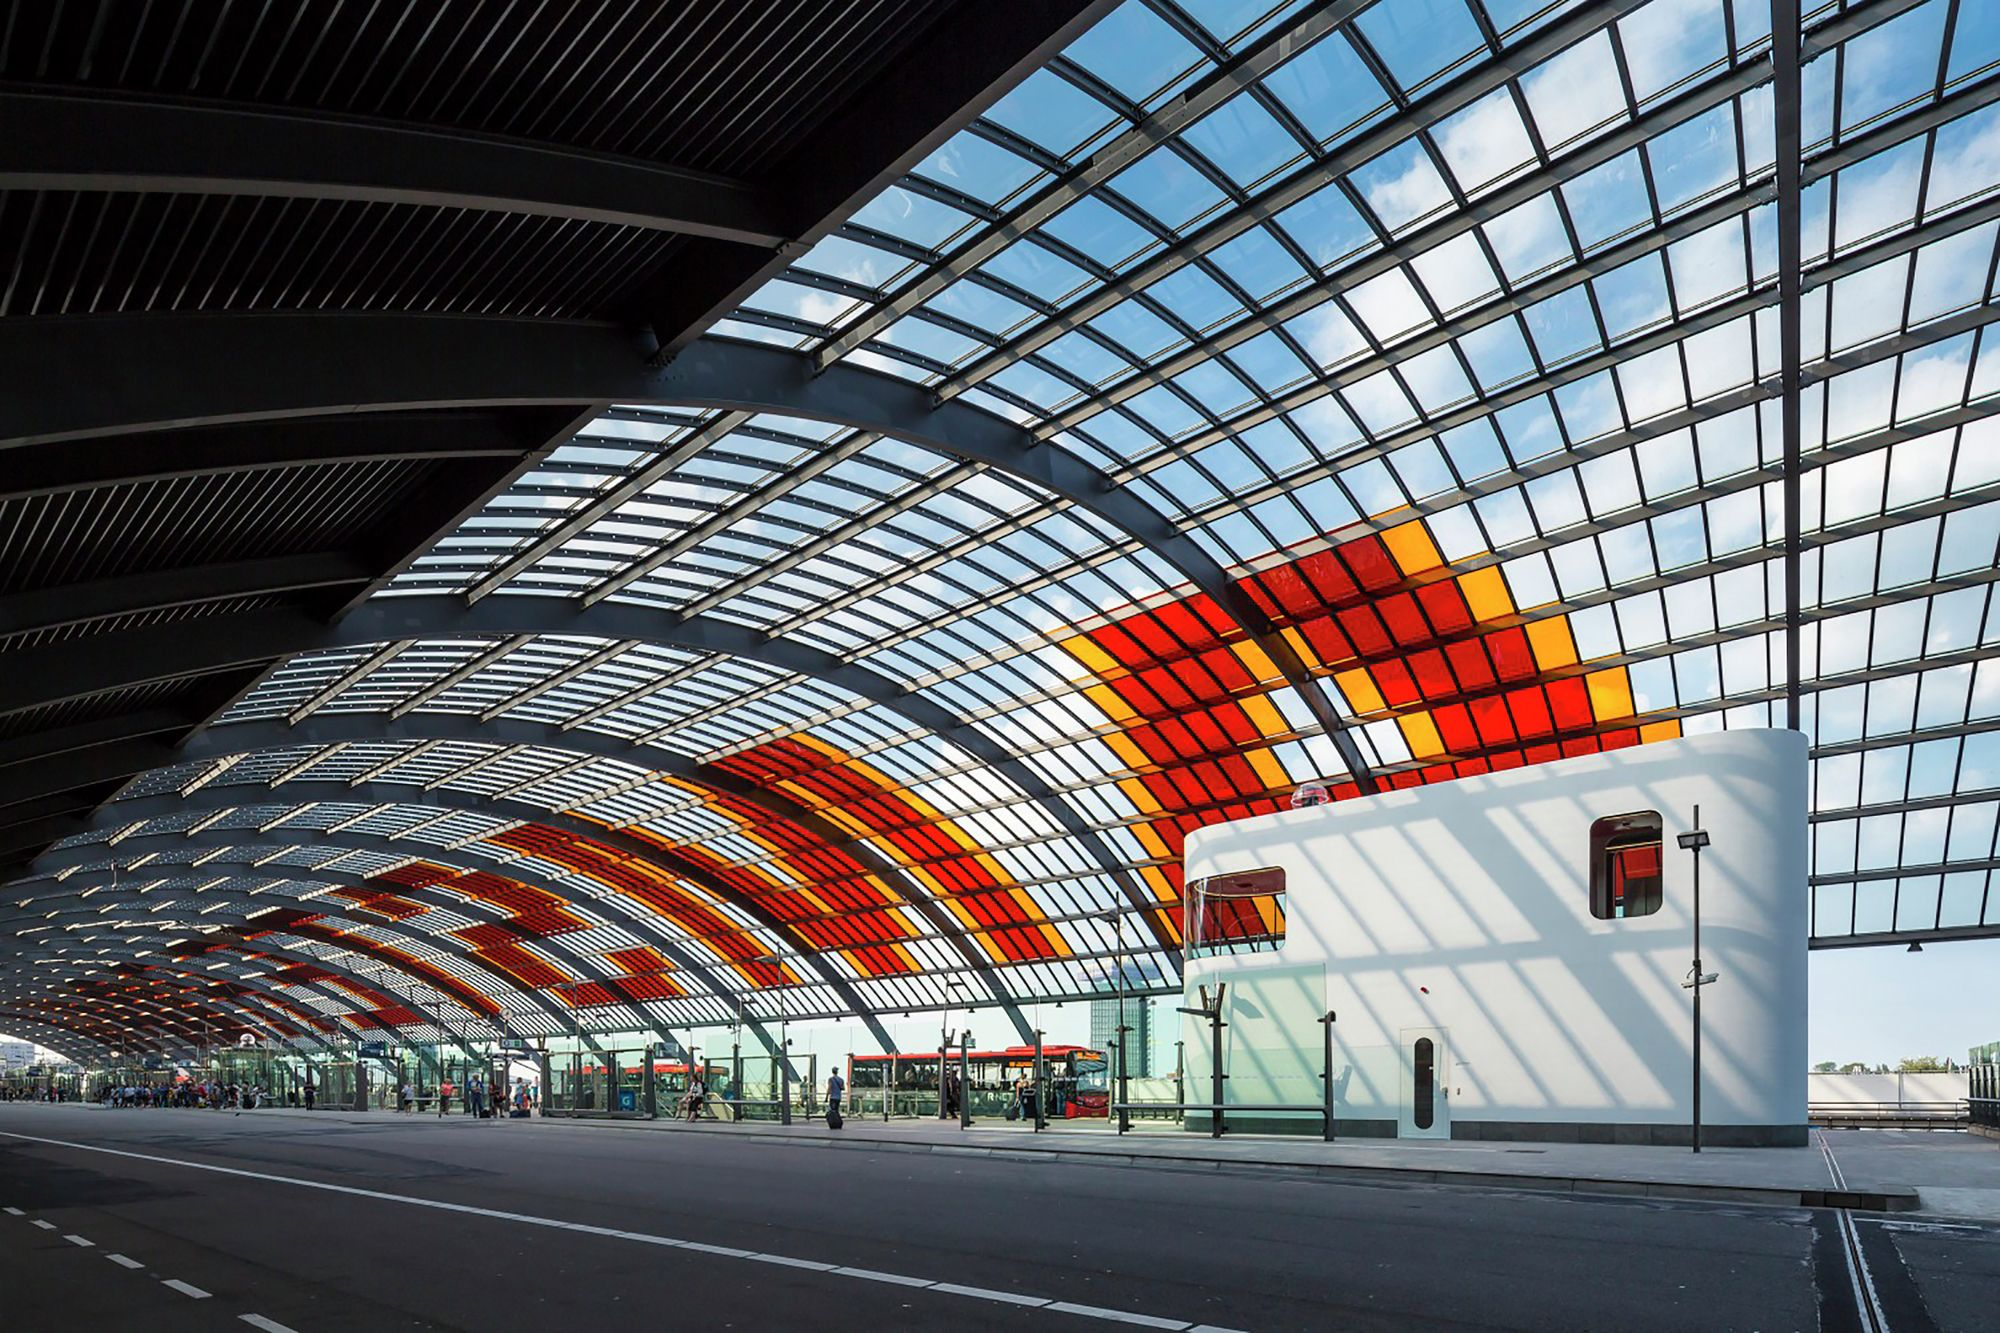 Construido en 2015 en Amsterdam, Holanda. Imagenes por Jannes Linders. El llamativo edificio blanco para conductores de autobuses de la estación de autobuses en Ámsterdam Central alberga un espacio de trabajo, despensa y...